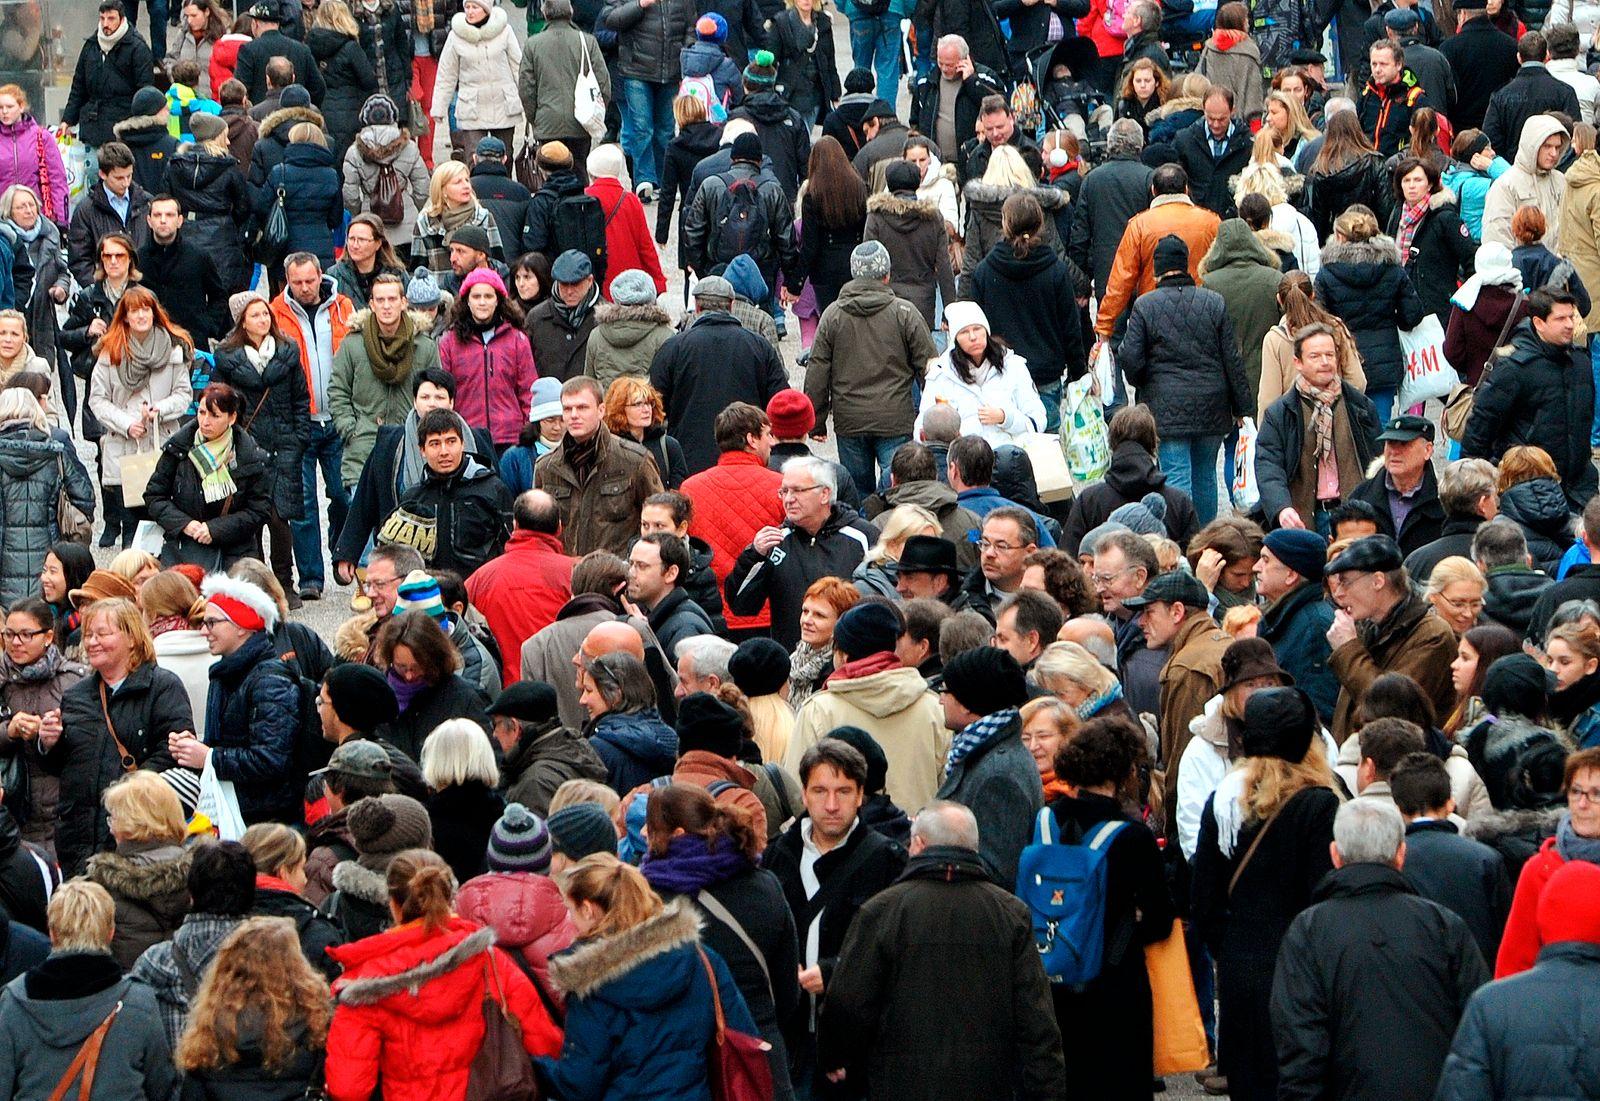 Einzelhandel / Aufschwung / Verbraucher / Einkaufen / Shoppen / Armut / Reichtum / Passanten / Konjunktur / Armut / Europa / Bürgerversicherung